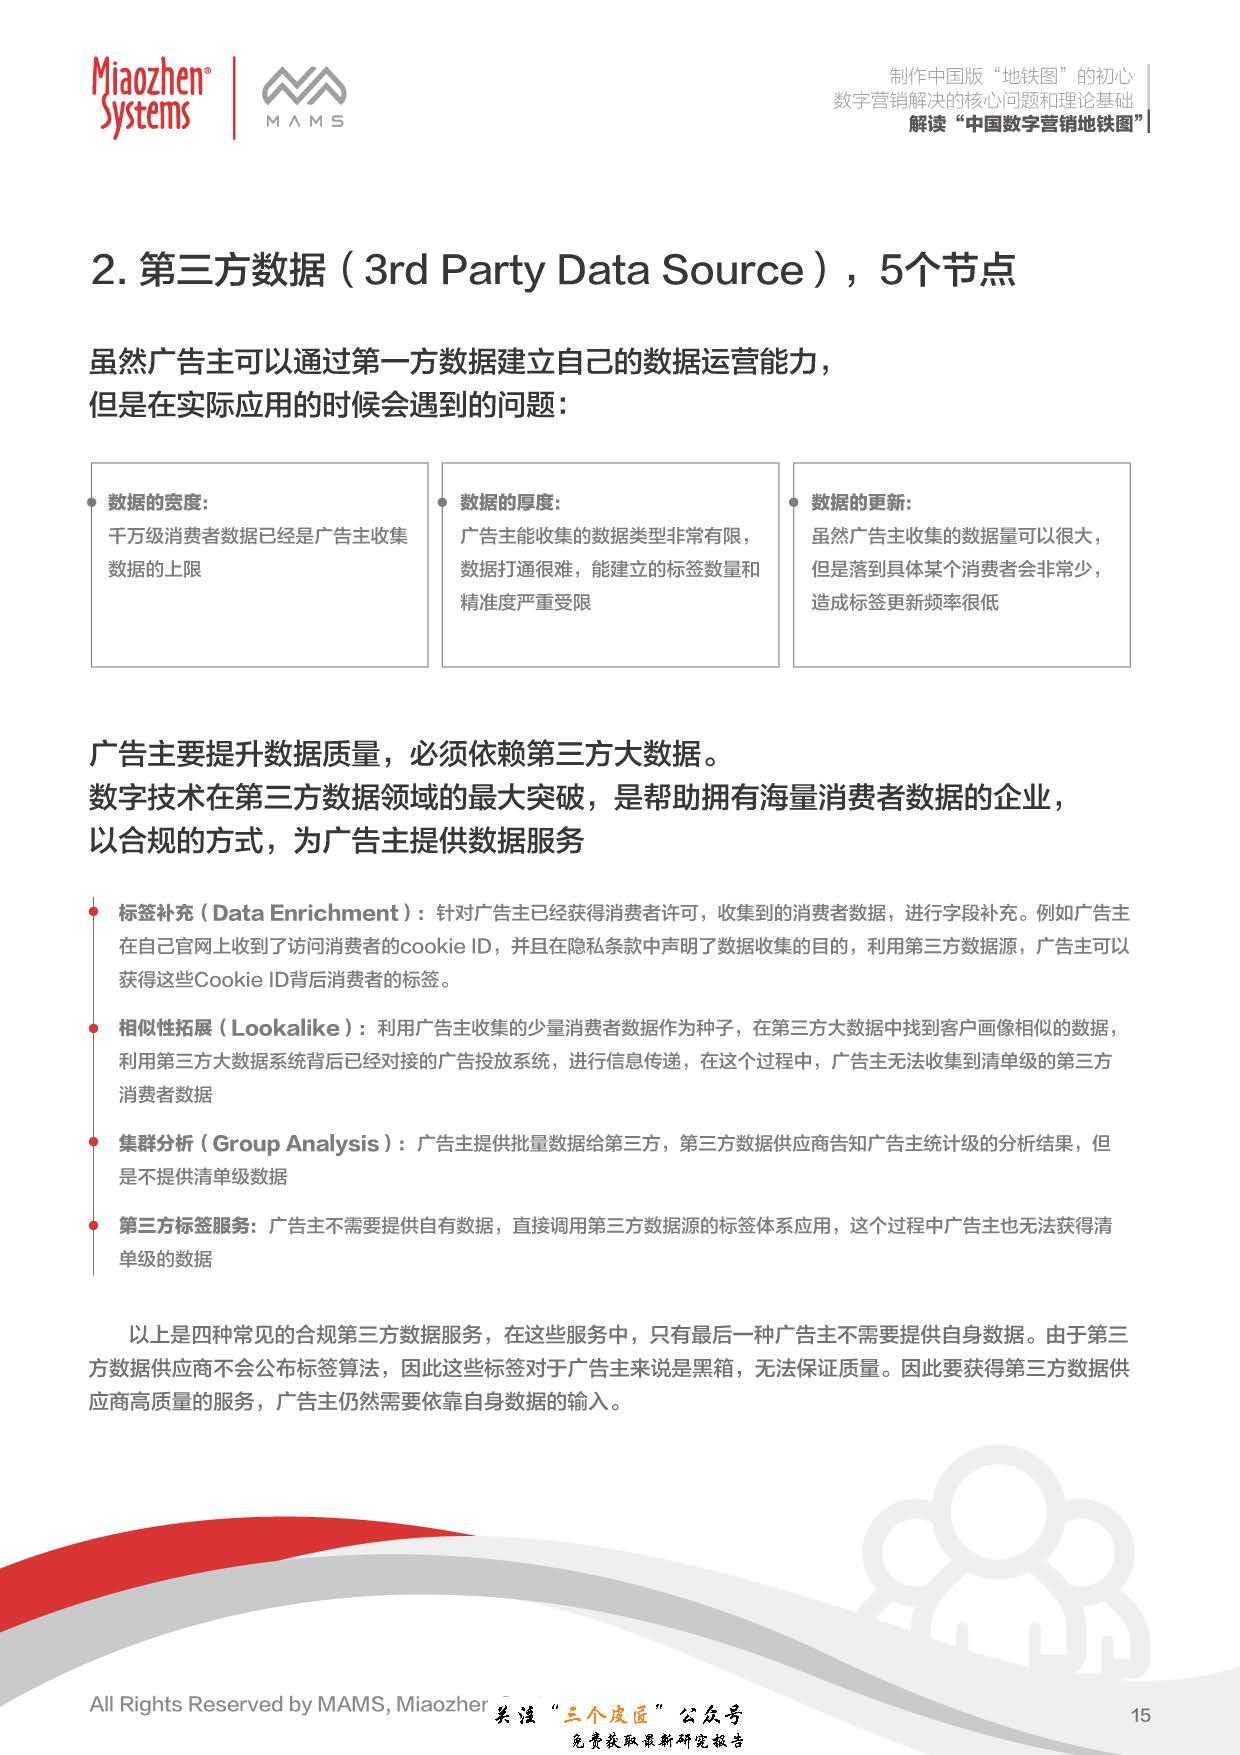 秒针:解读中国数字营销地铁图(28页)_页面_16.jpg